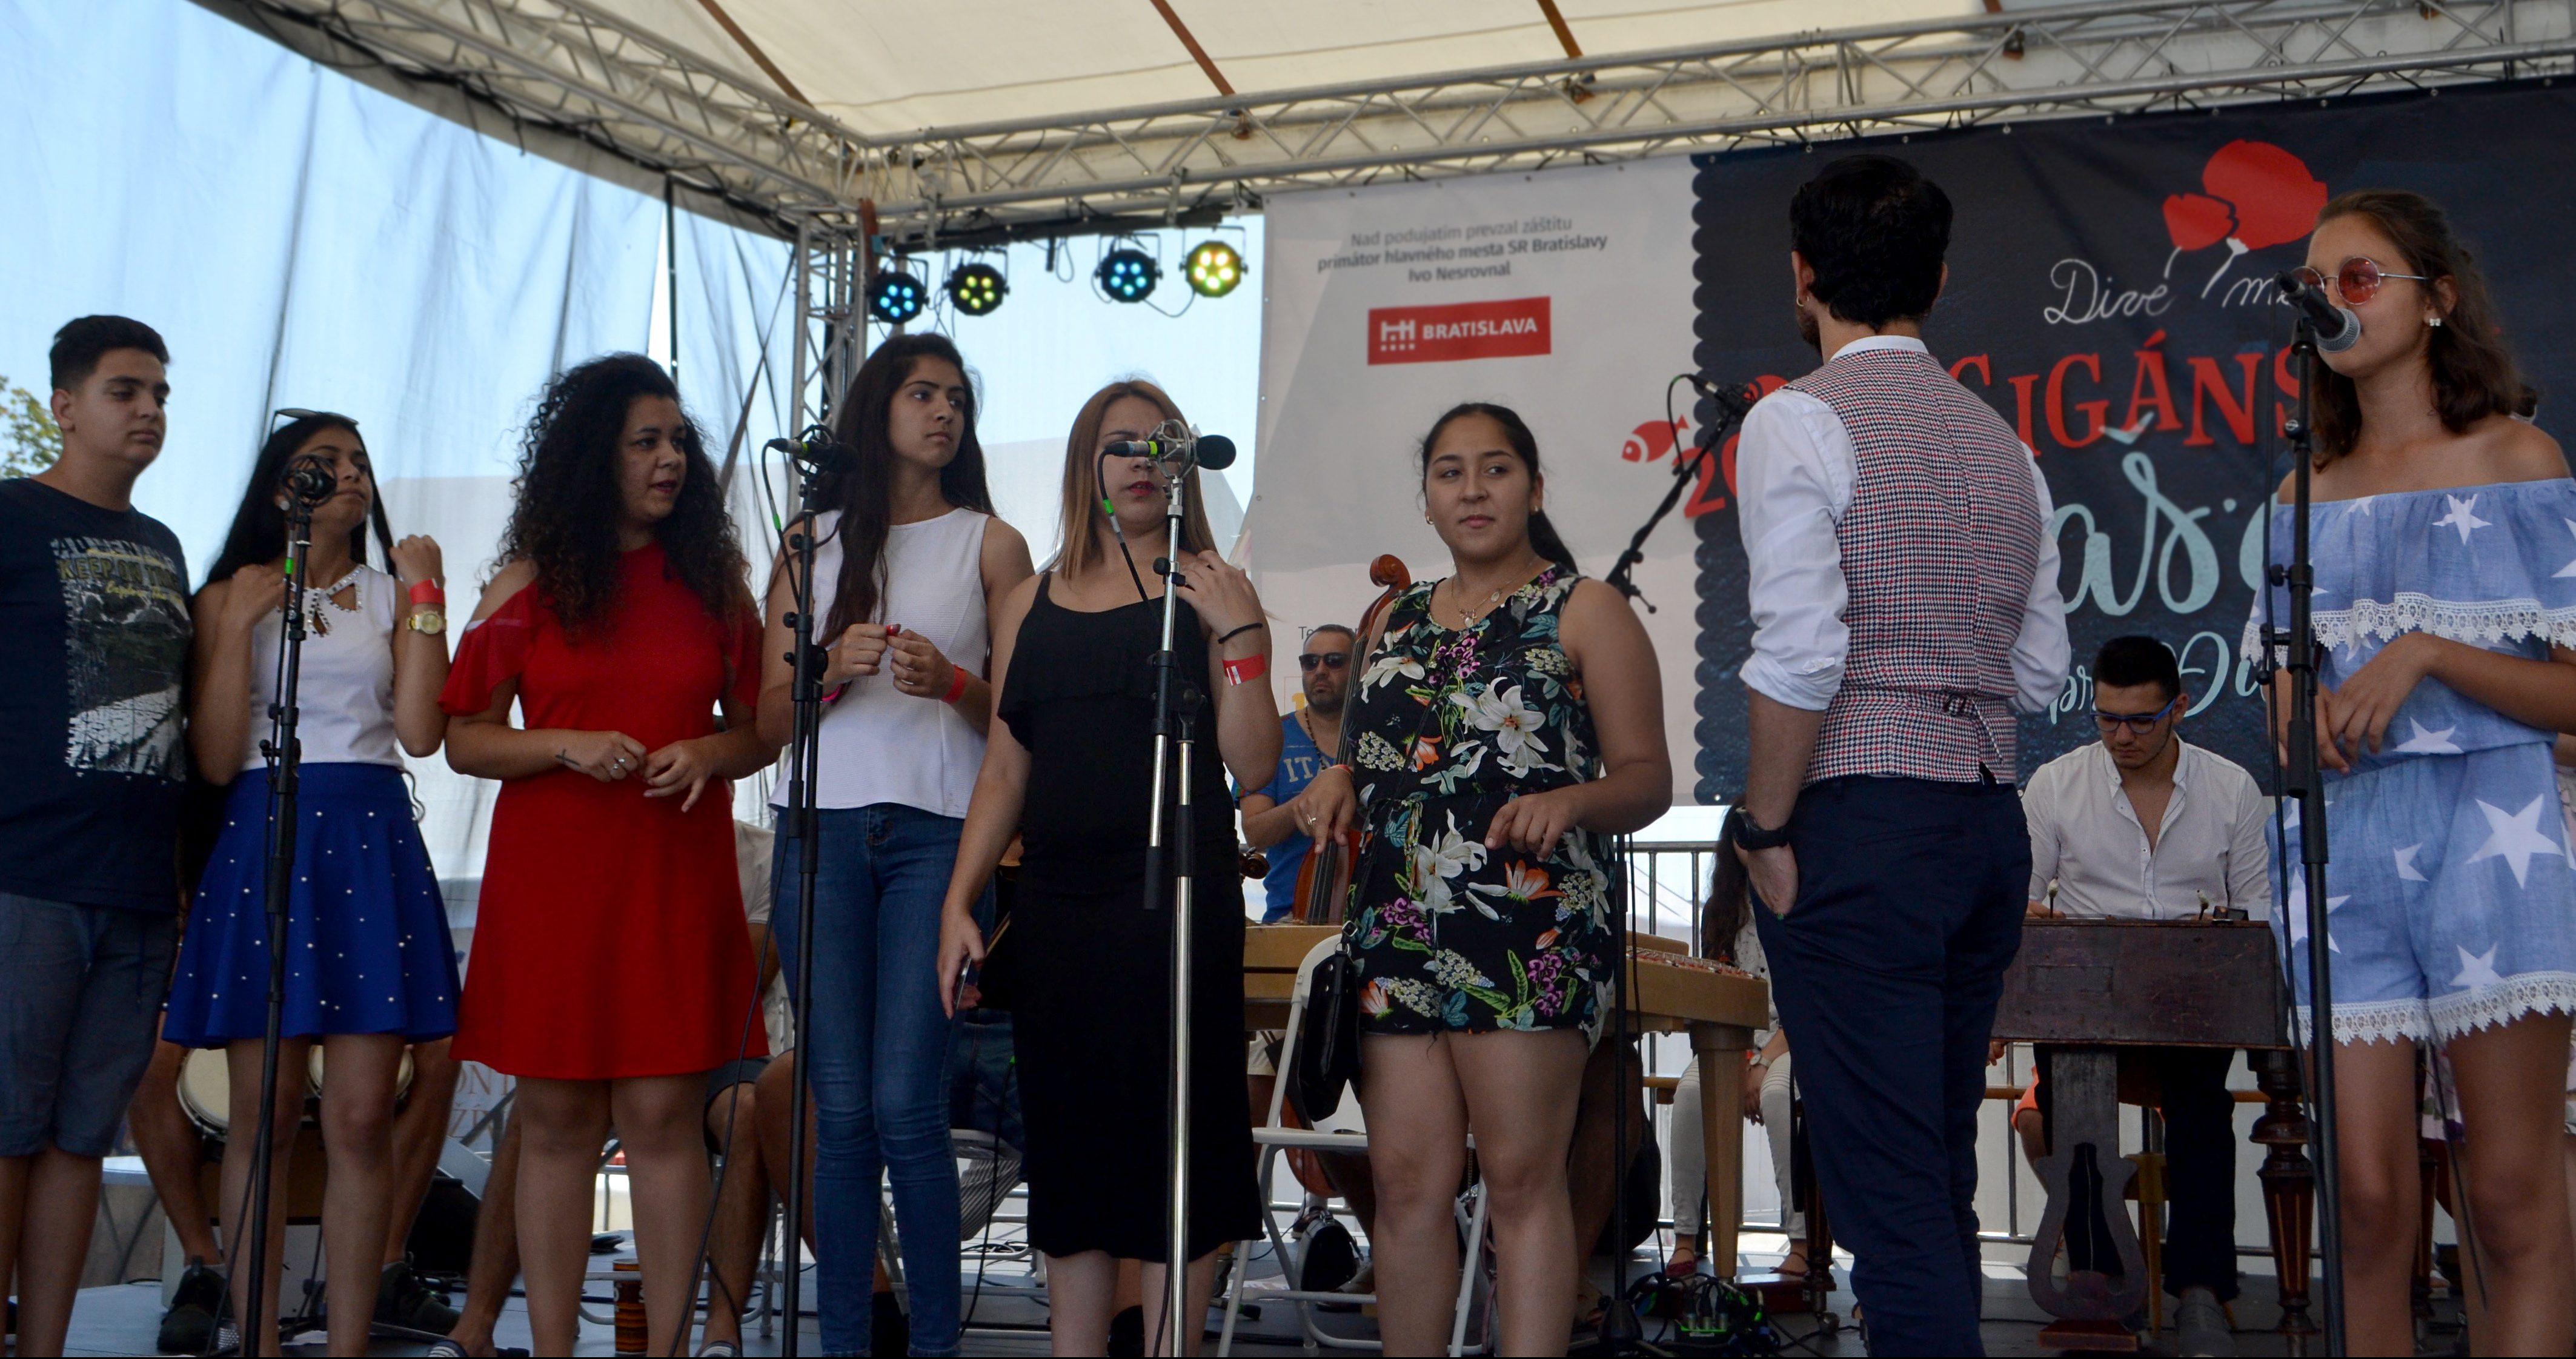 Cigánsky bašavel: talenty Divých makov opäť nesklamali